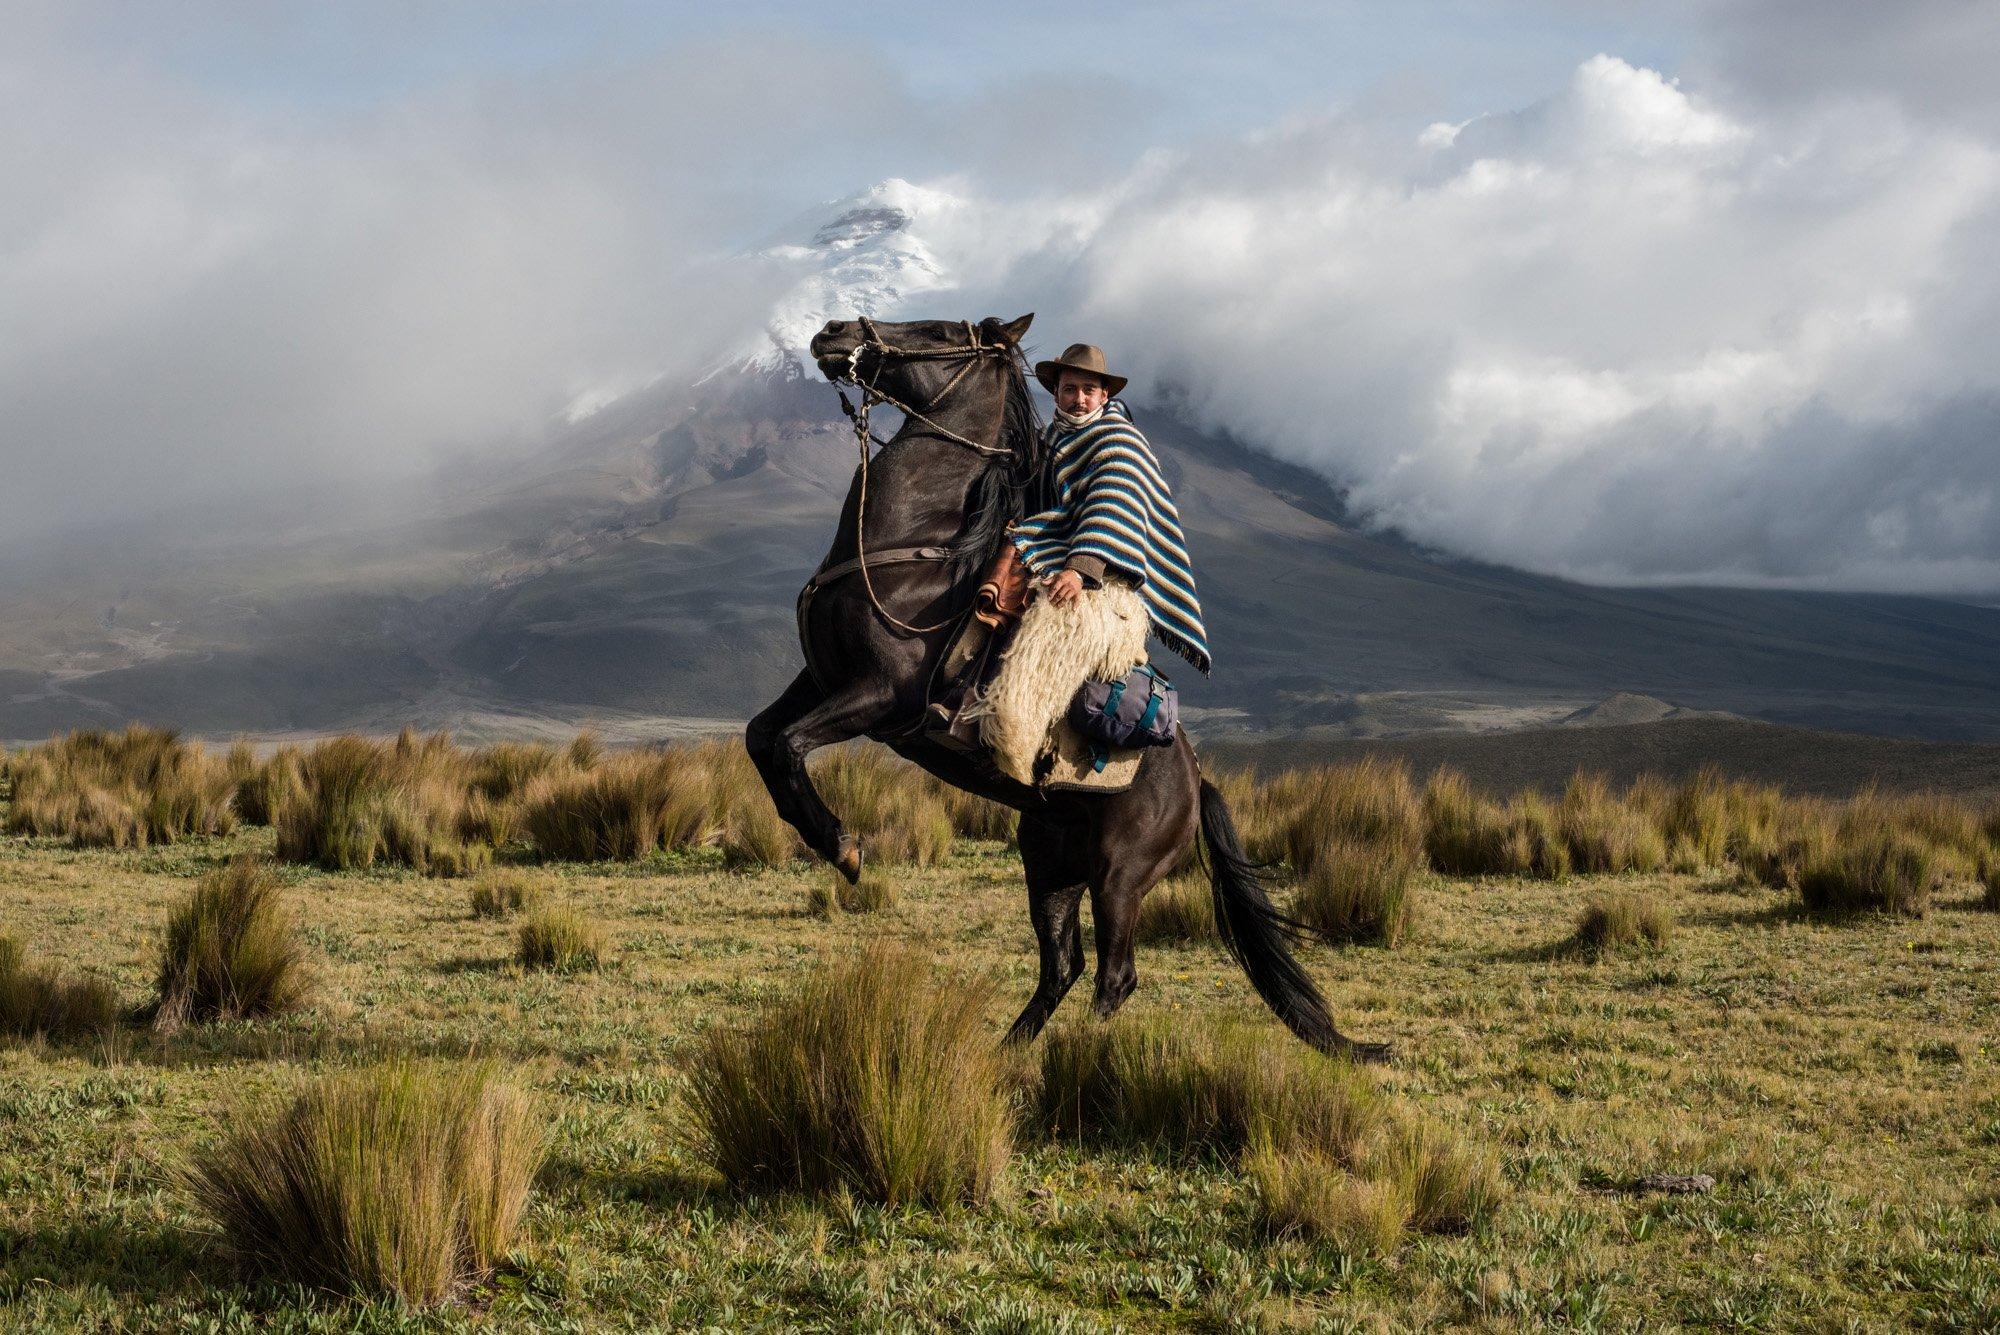 color photograph of a cowboy riding his horse